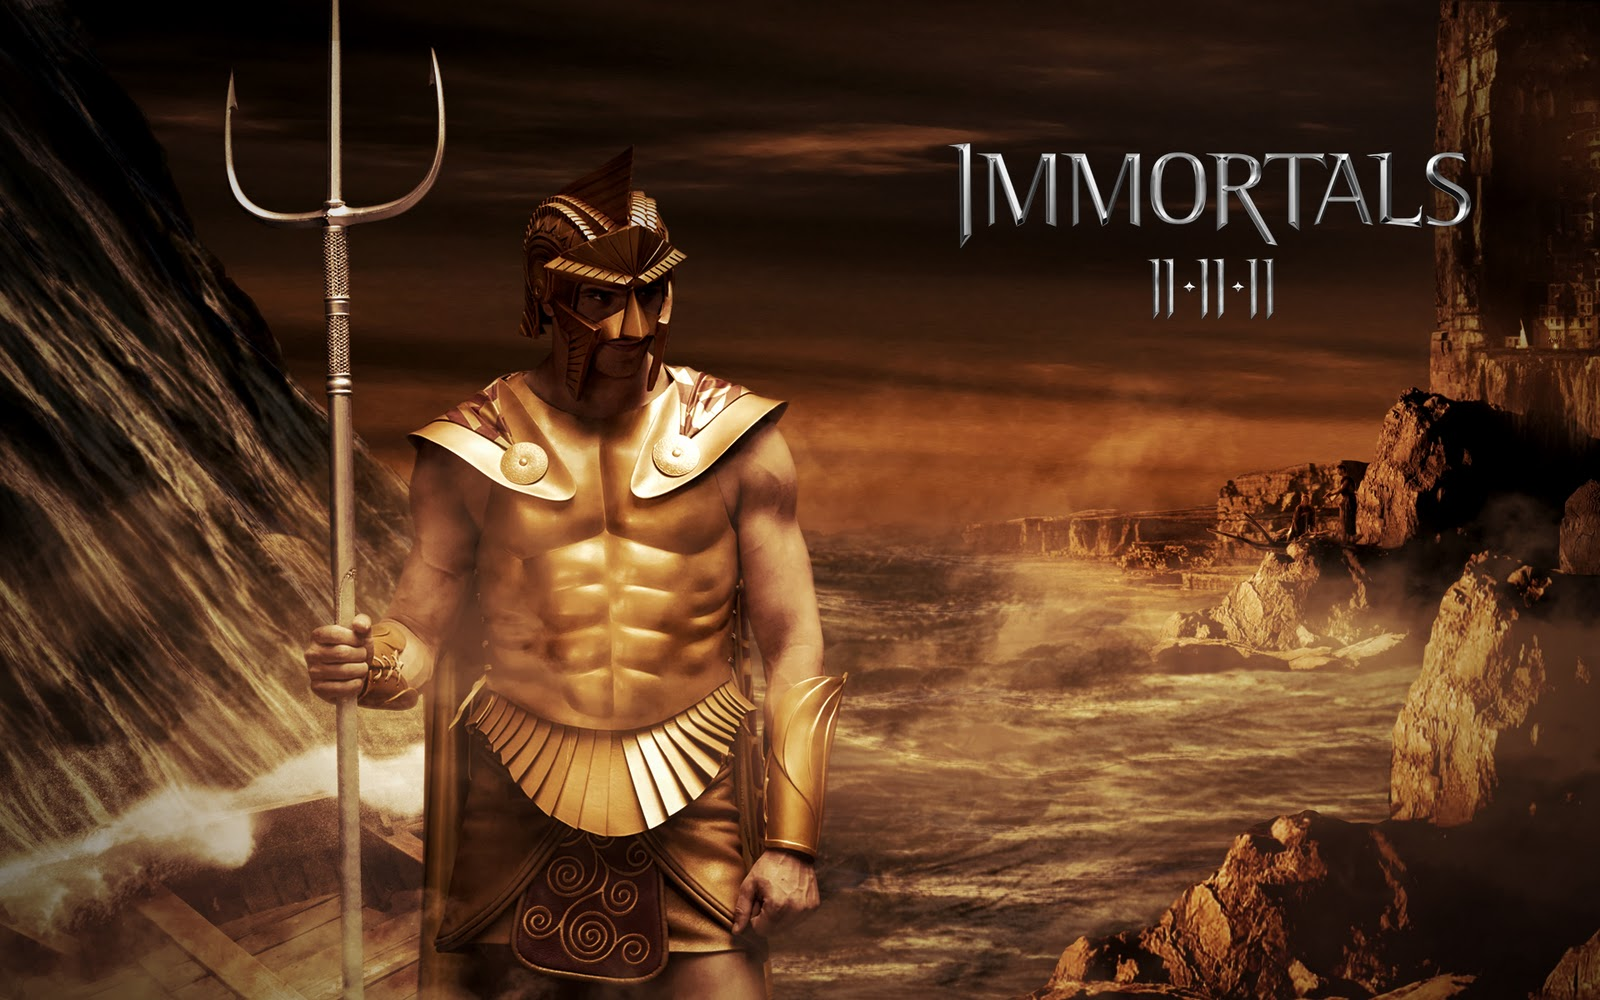 http://4.bp.blogspot.com/-5H3_2DH9M5I/Tx16OpFUm4I/AAAAAAAABIg/Sv8XVk6_VM4/s1600/immortals_wallpaper_HD.jpg